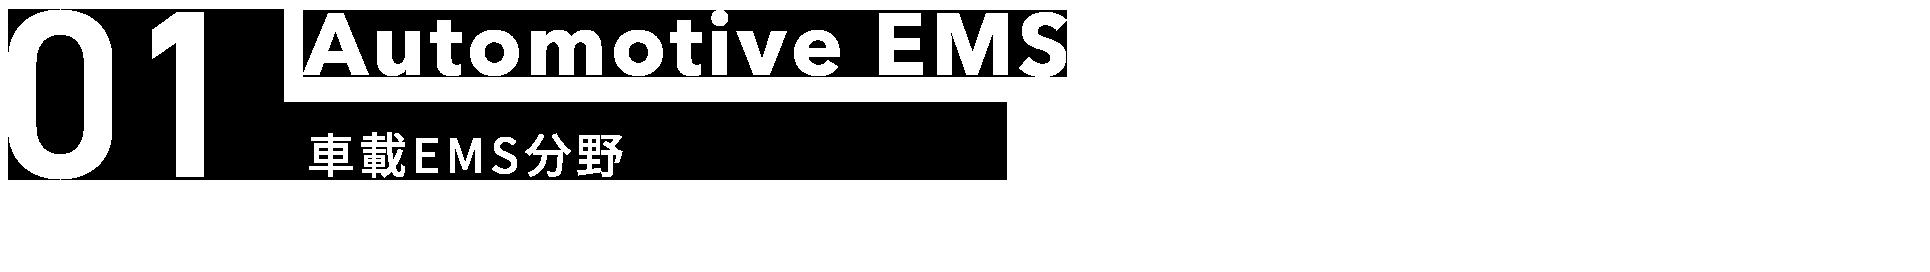 01.Automotive EMS|車載EMS分野